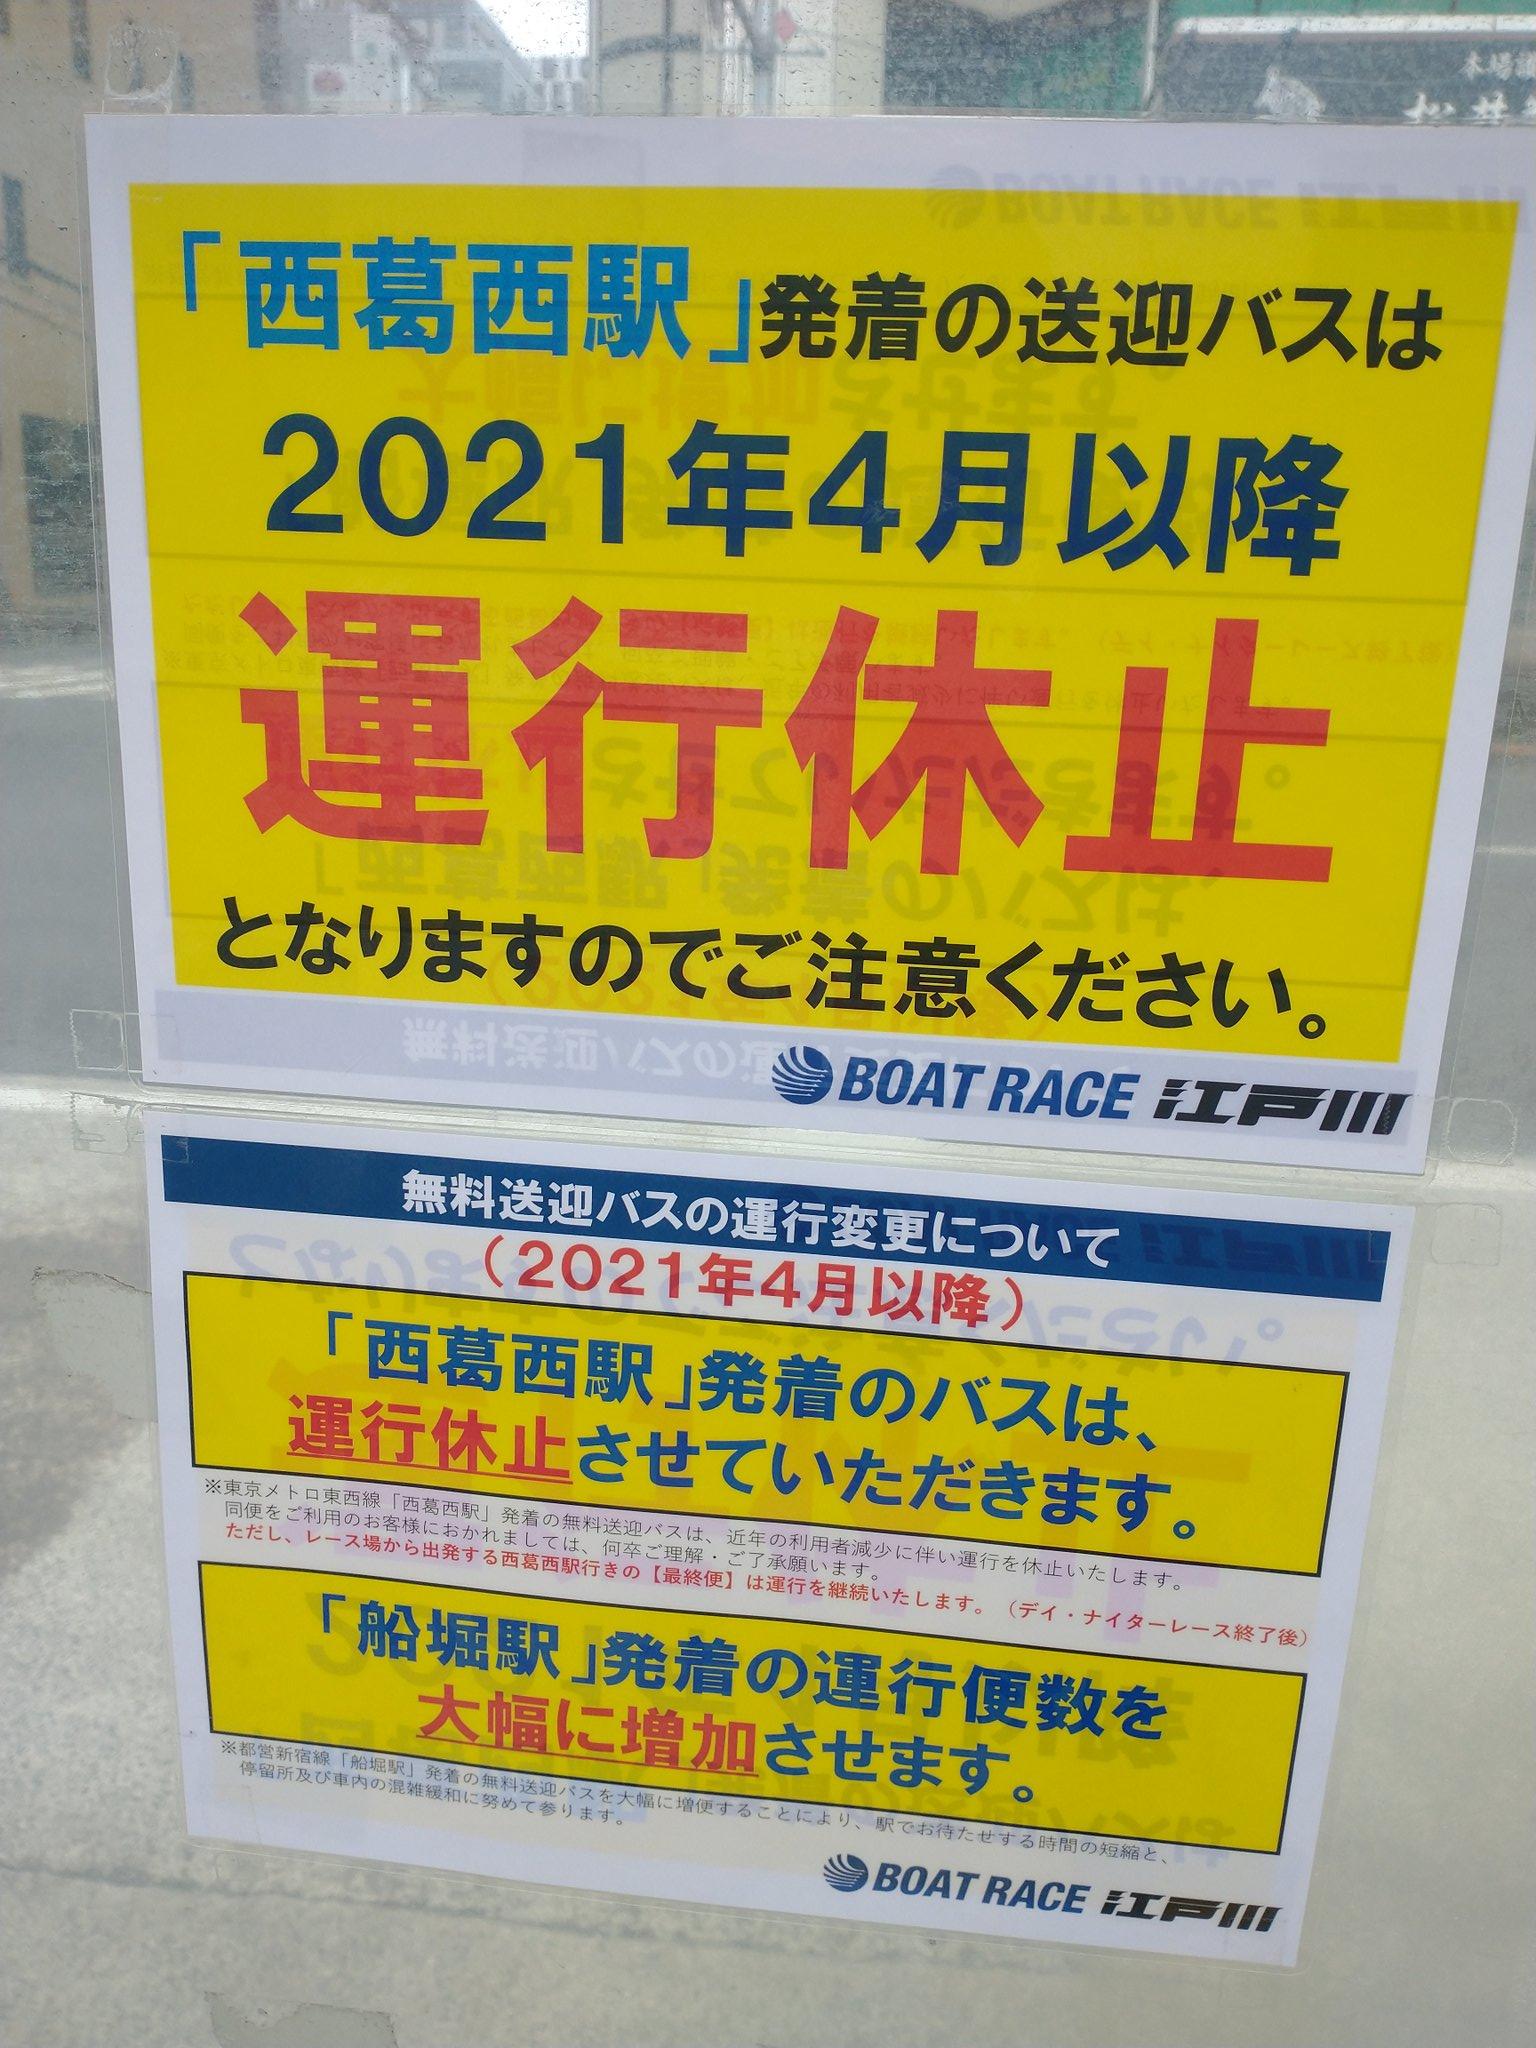 4/1よりボートレース江戸川送迎の西葛西駅発着便をほぼ廃止